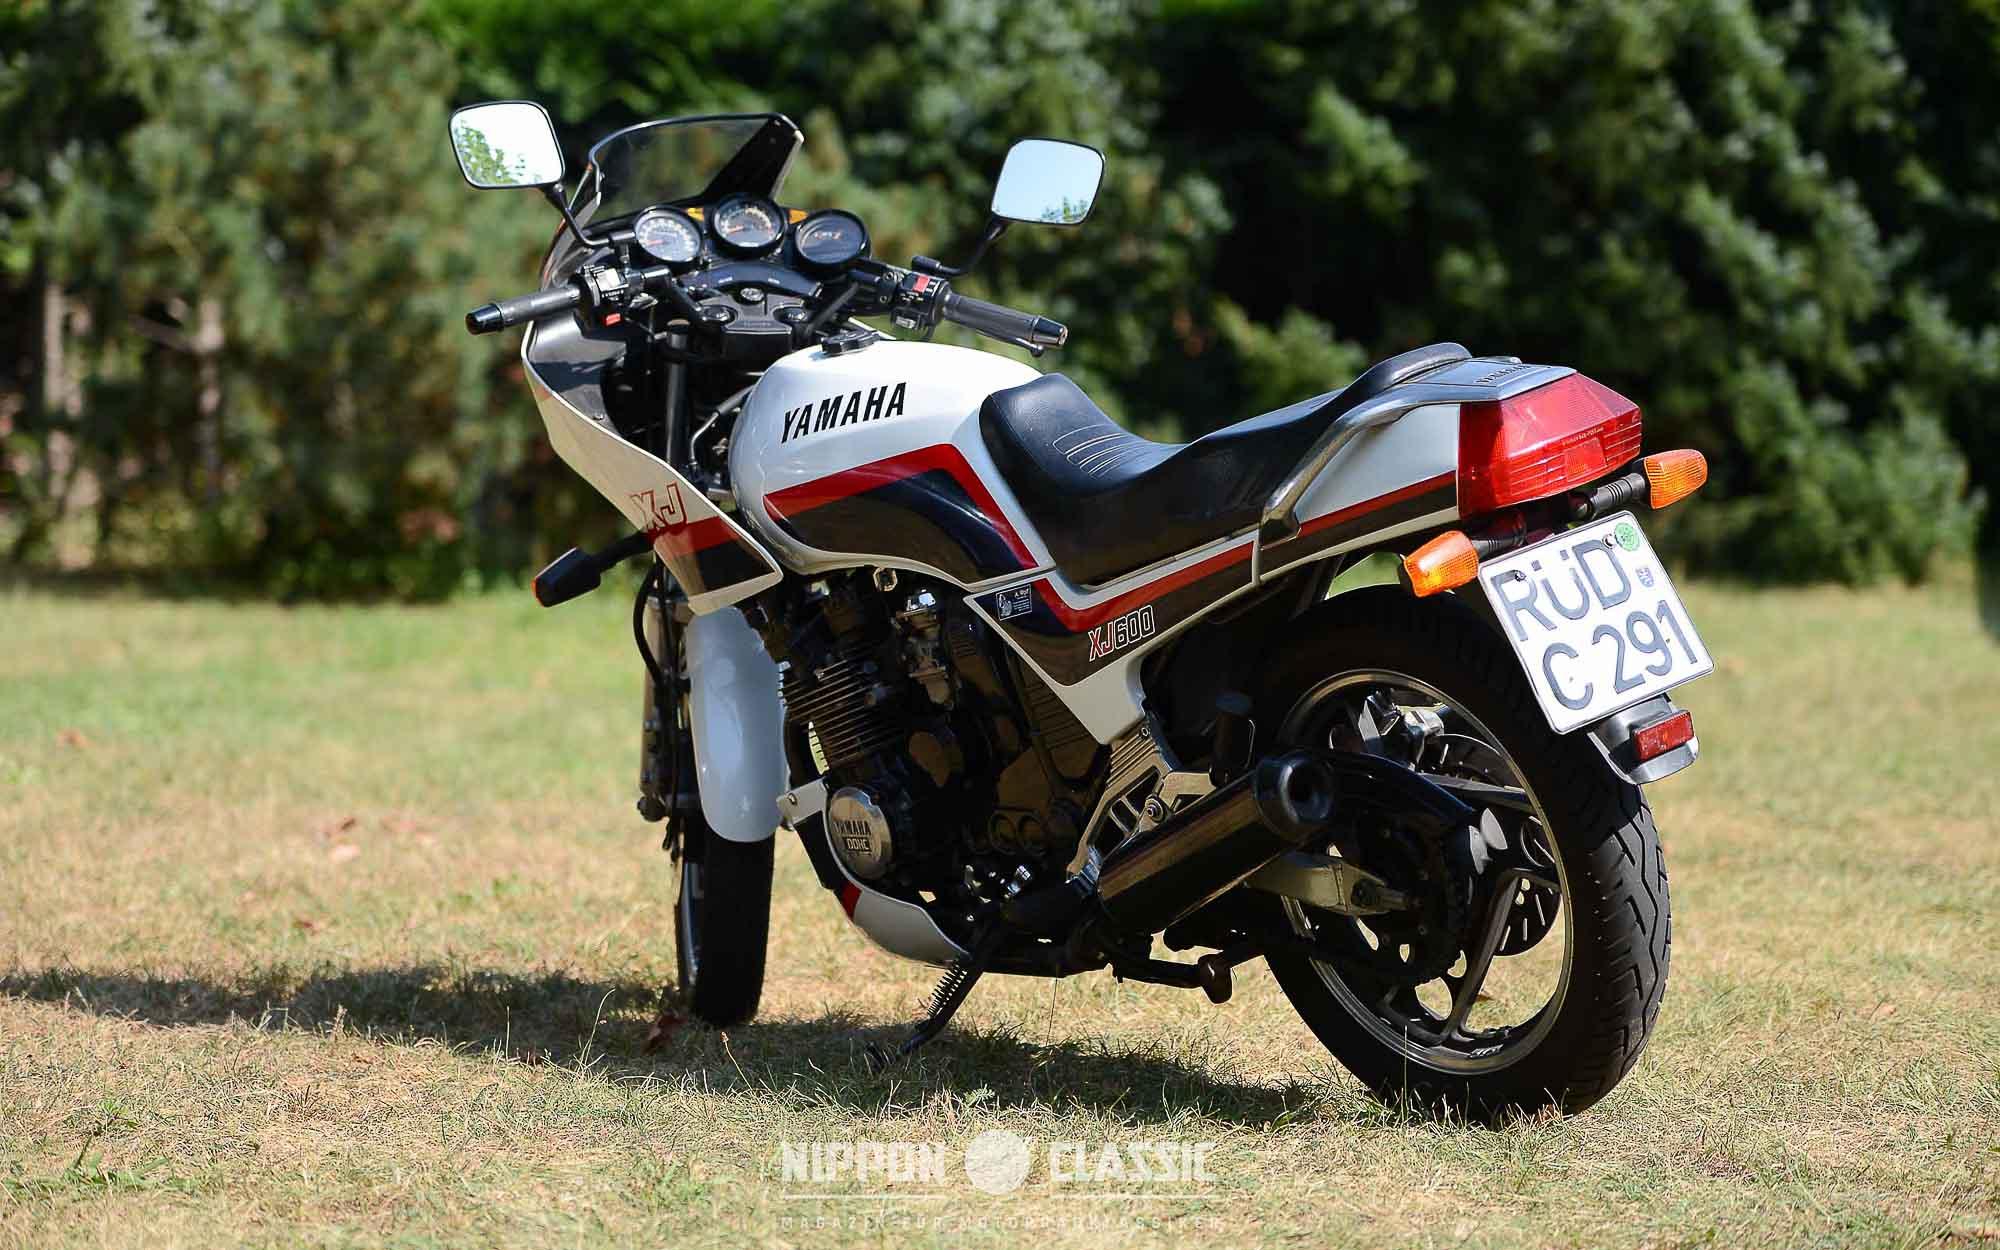 YAMAHA XJ 600 (1983 - 2003)